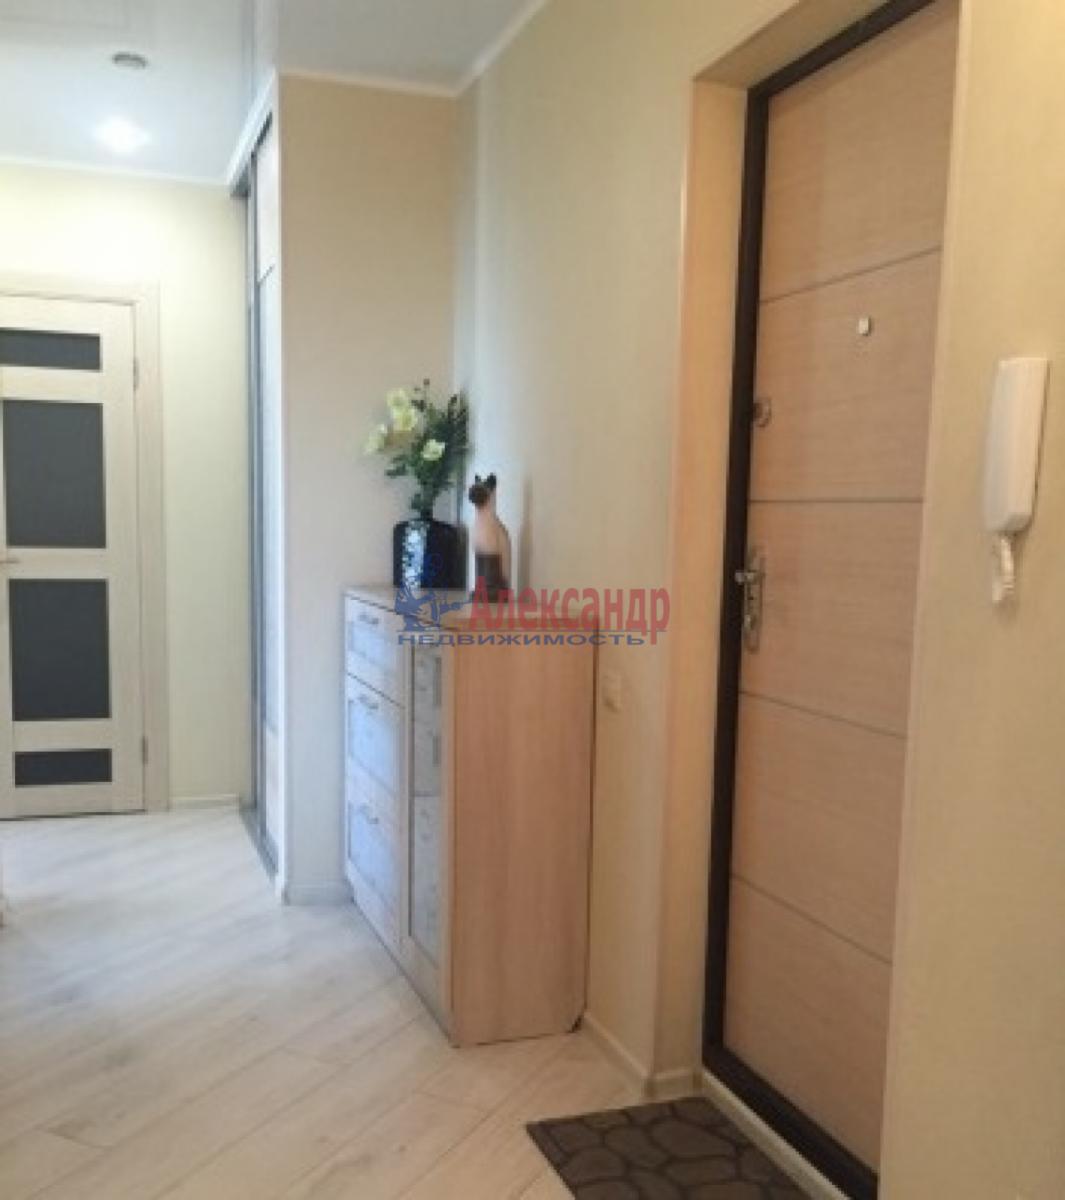 1-комнатная квартира (43м2) в аренду по адресу Московский просп., 183— фото 1 из 5